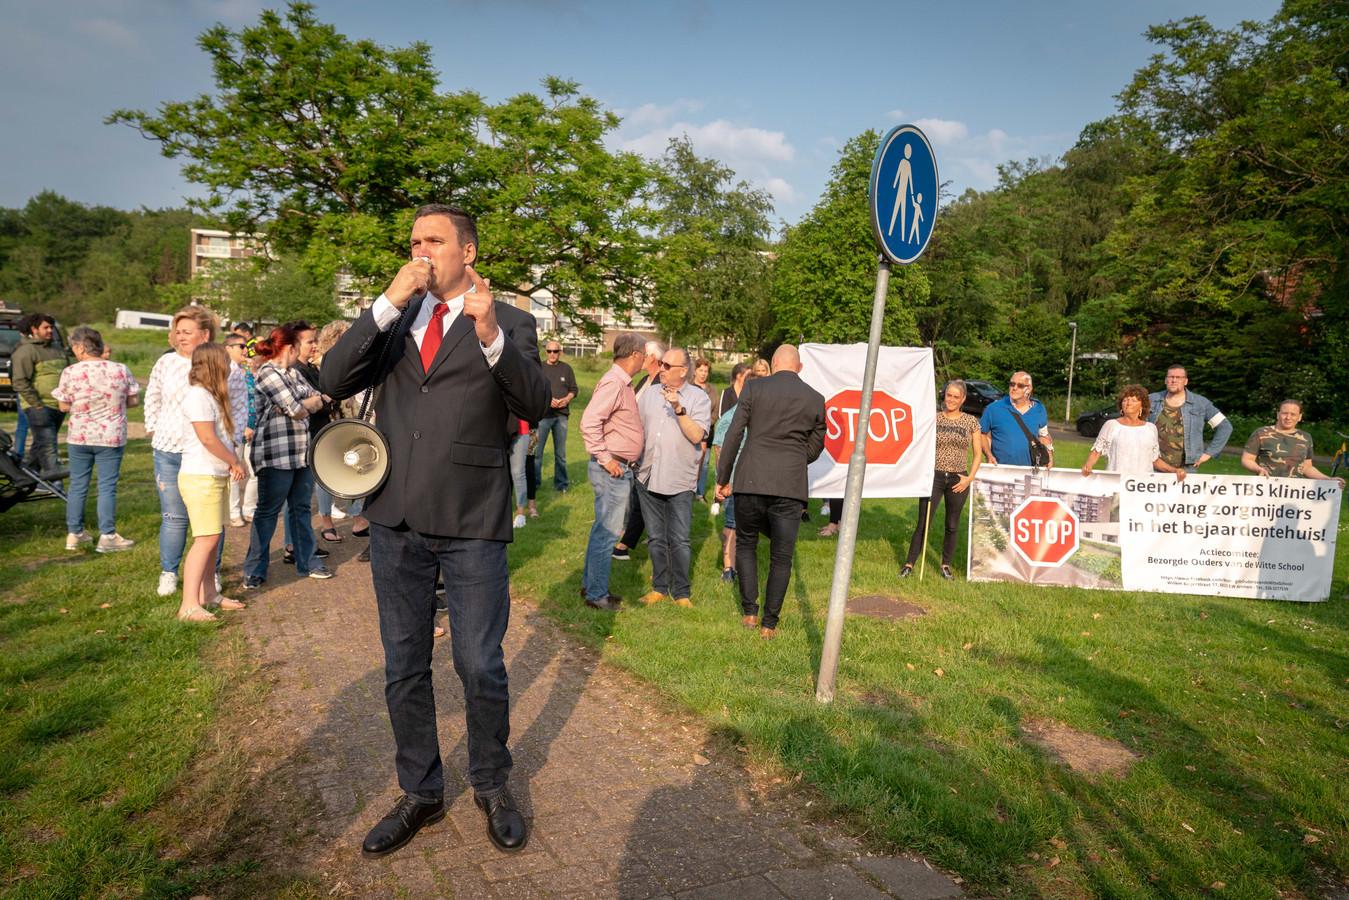 Constant Kusters demonstreerde maandagavond samen met bewoners van de Geitenkamp tegen stichting OnderDak in de Paasbergflat in Arnhem.